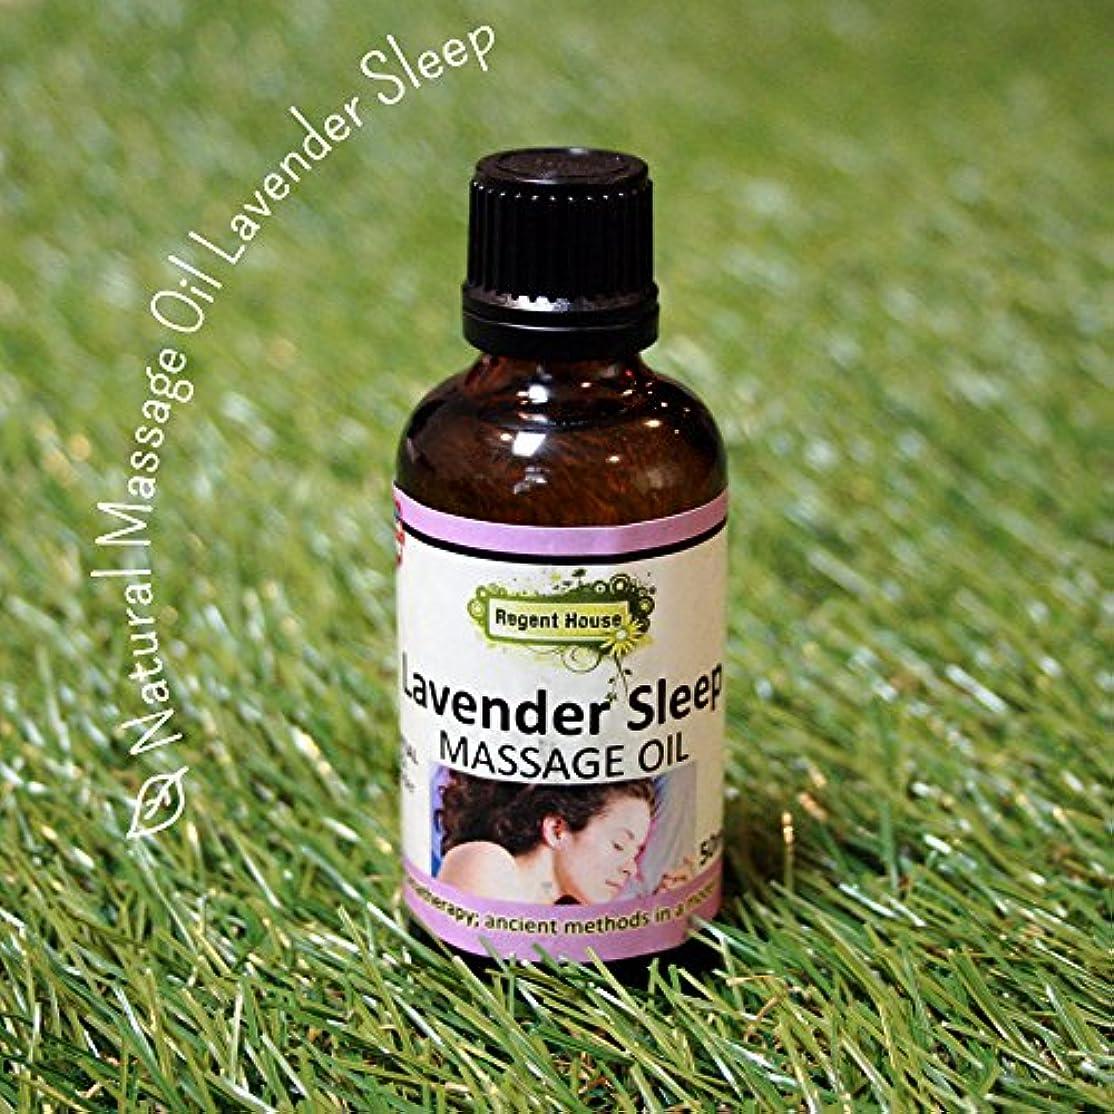 空中直面するに頼るフランス産のオーガニックラベンダーのみの、贅沢オイル。 アロマ ナチュラル マッサージオイル 50ml ラベンダースリープ(Aroma Massage Oil Lavender Sleep)